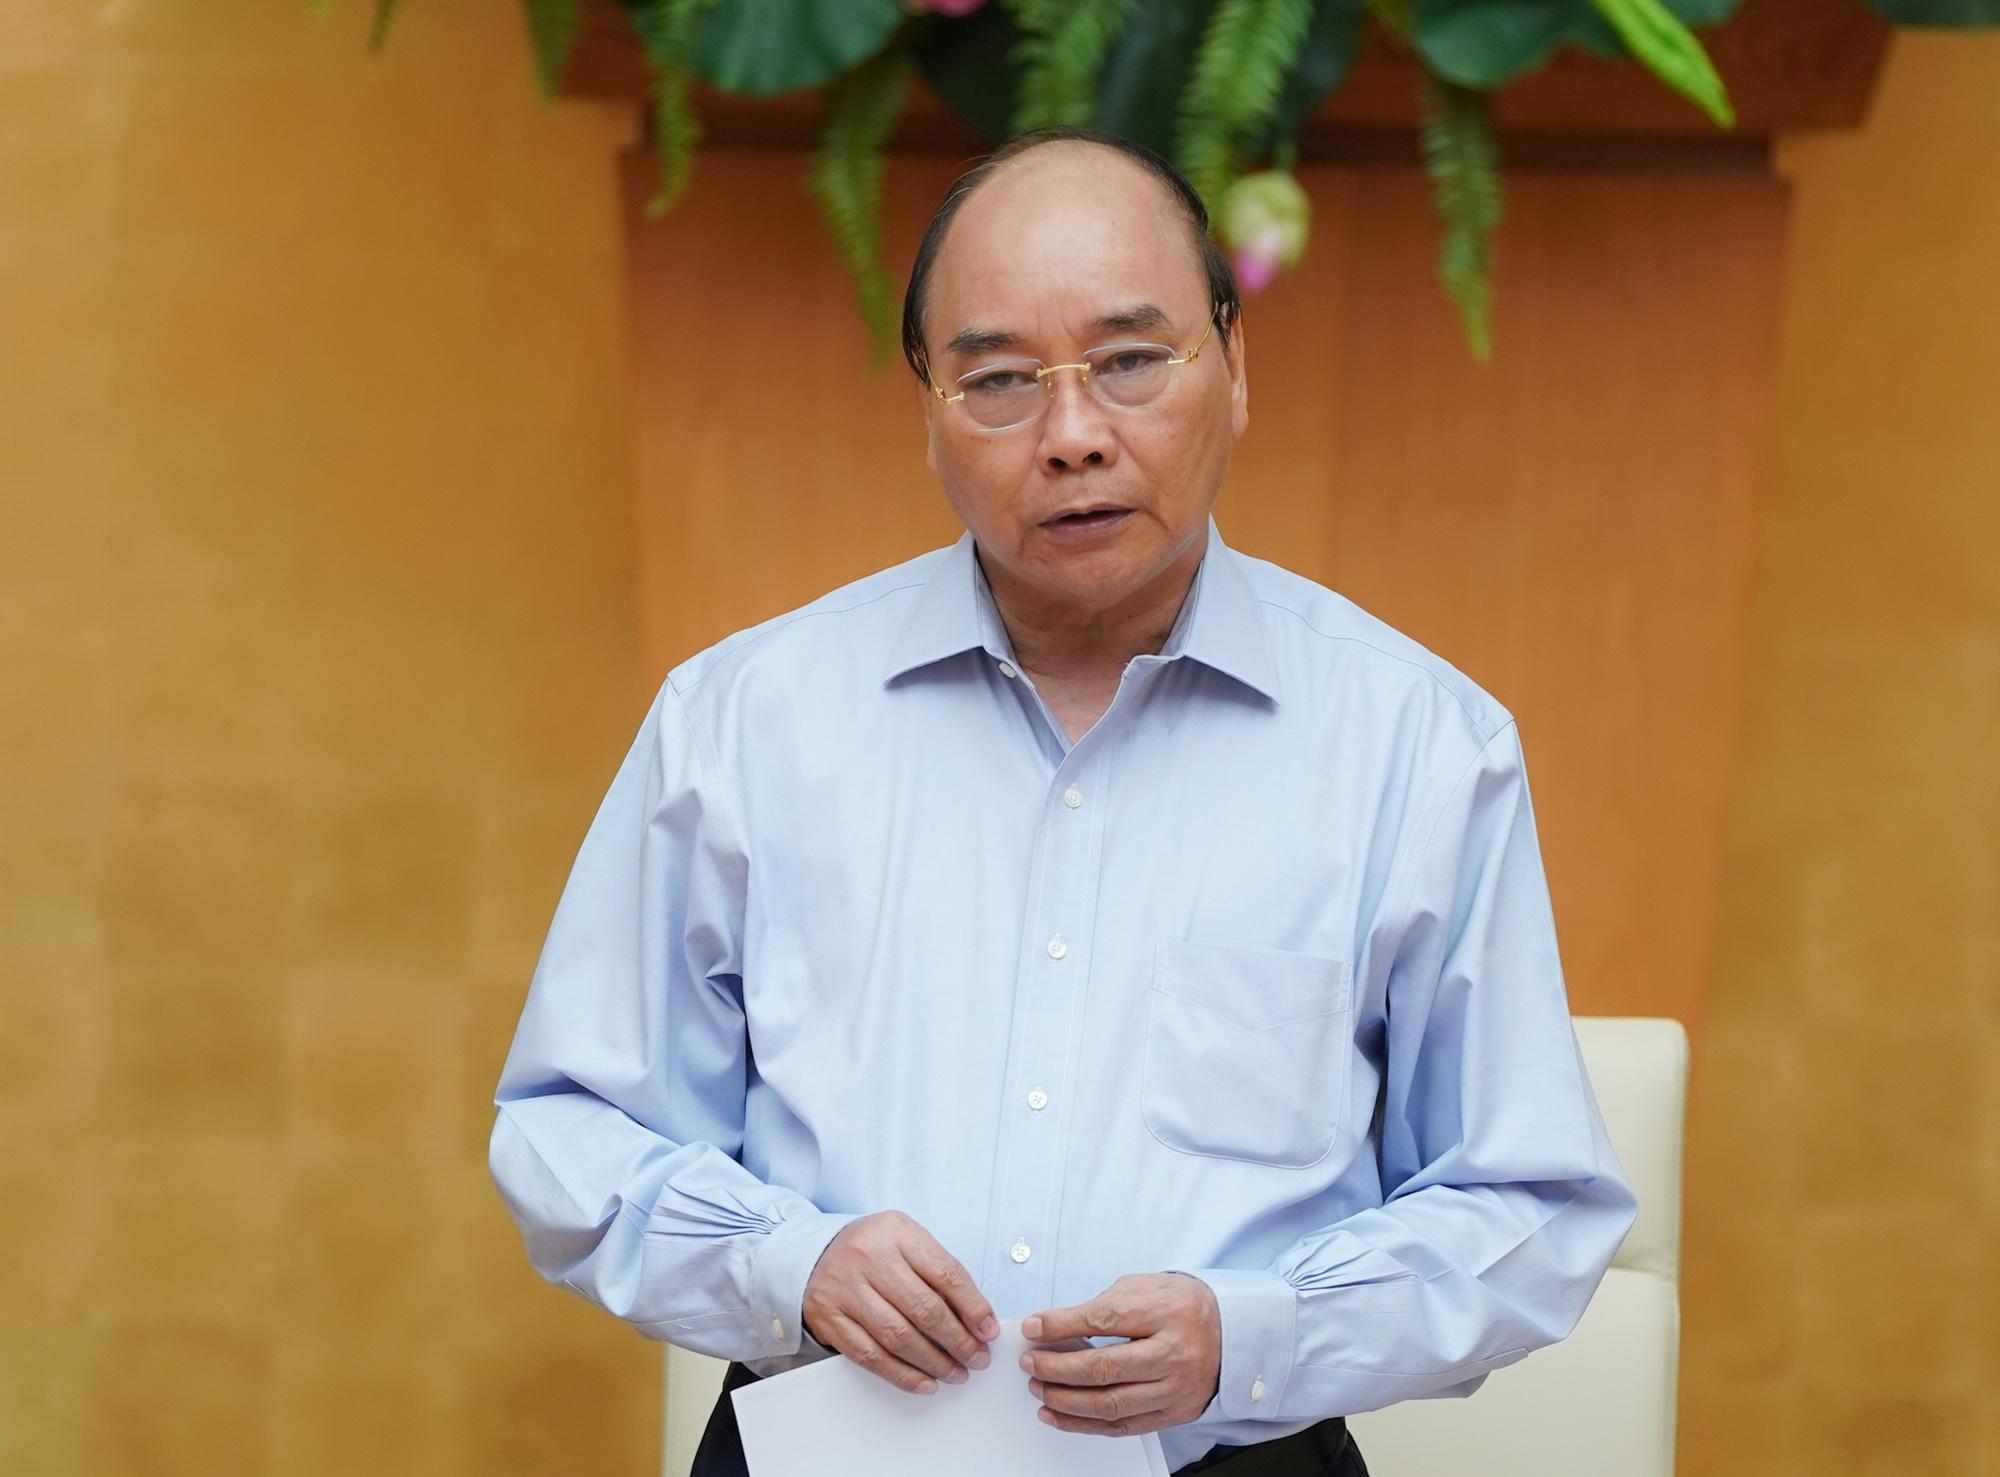 Thủ tướng hoan nghênh TP.HCM và Hà Nội xử phạt nghiêm cá nhân không đeo khẩu trang nơi đông người - Ảnh 1.